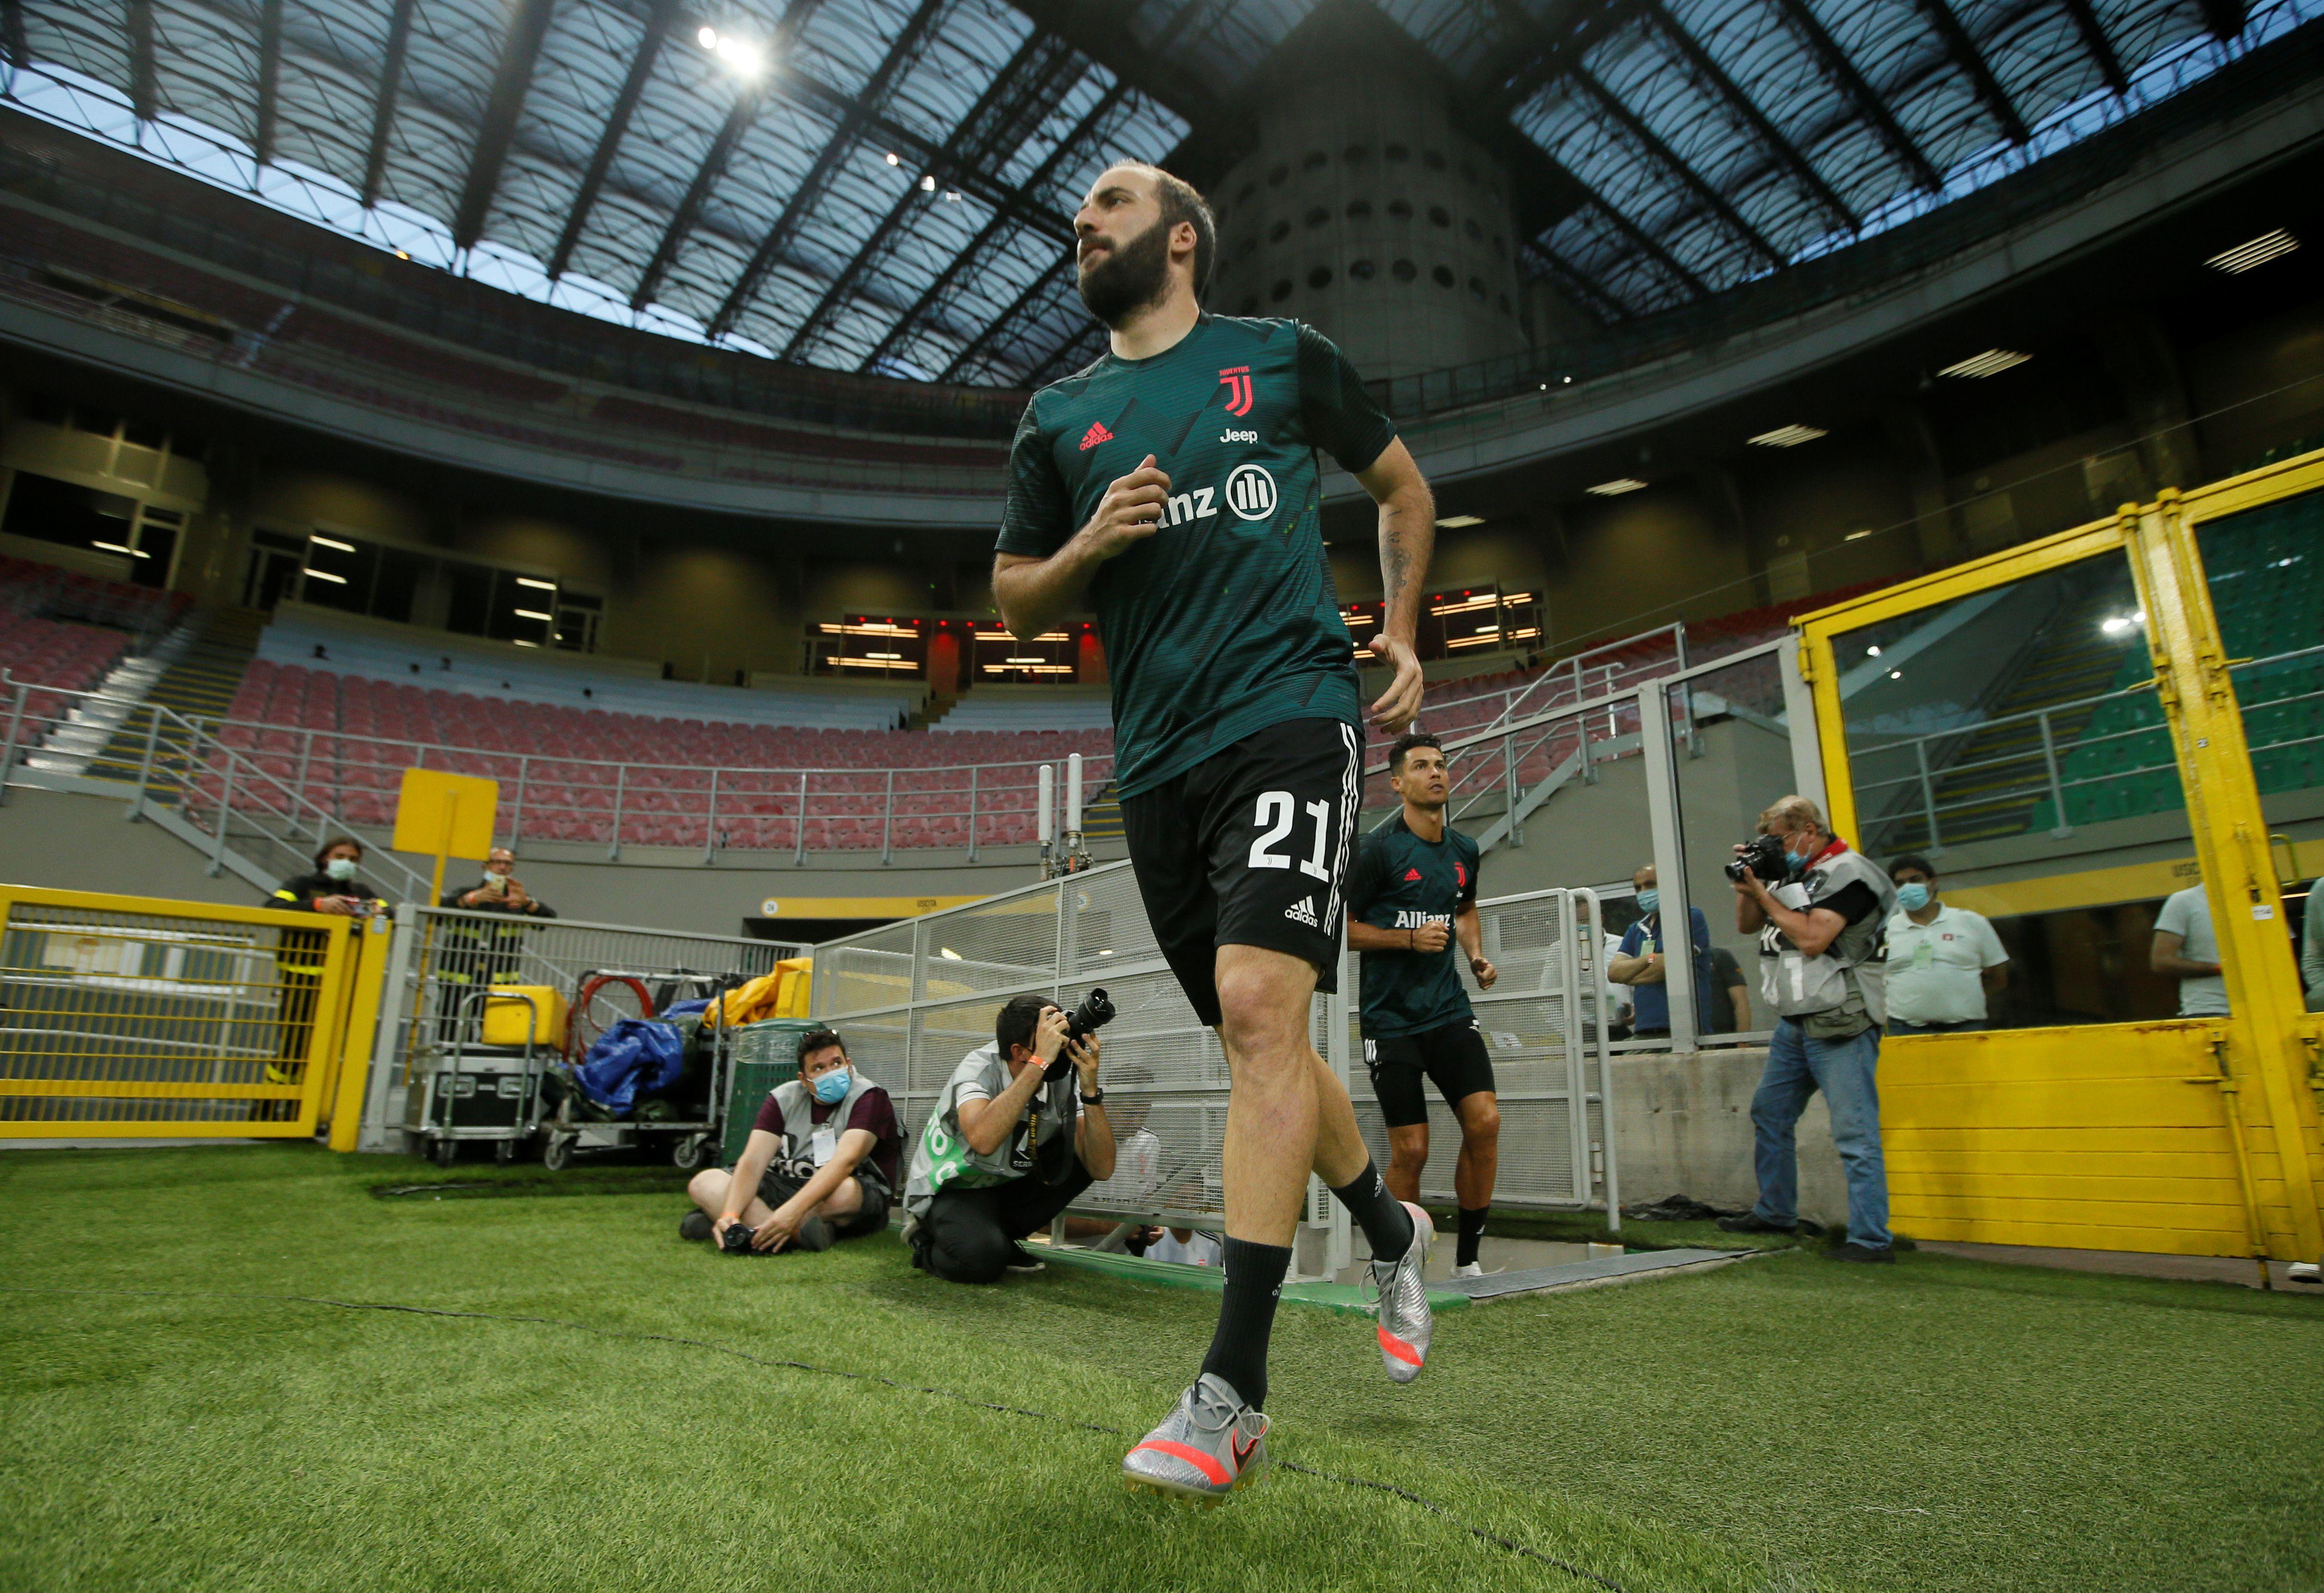 El Pipita, de 32 años, brilló en River, Real Madrid, Napoli, Juventus y Chelsea (REUTERS/Alessandro Garofalo)